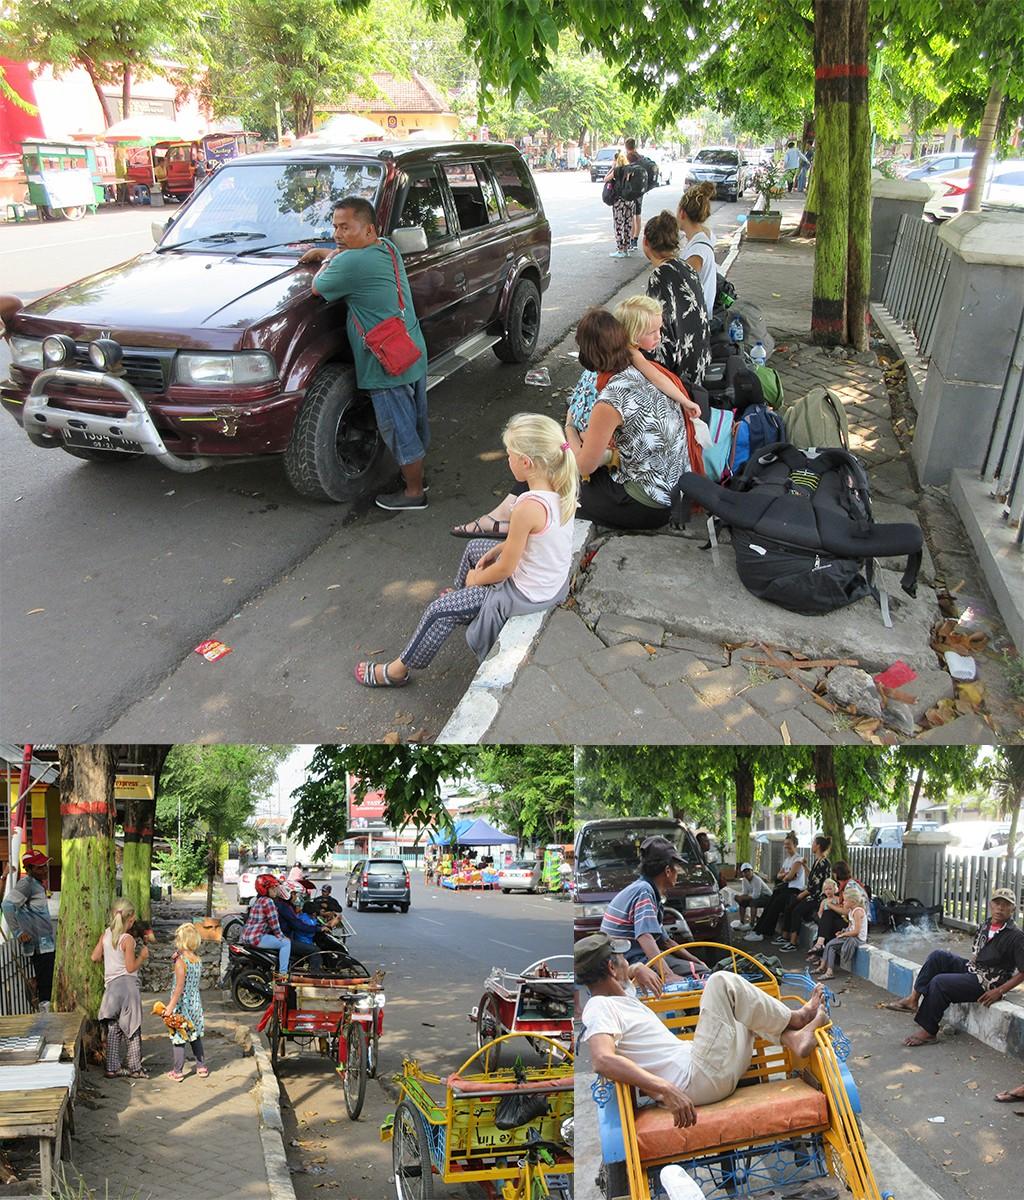 op weg naar Bromo - wachten op gedeelde taxi